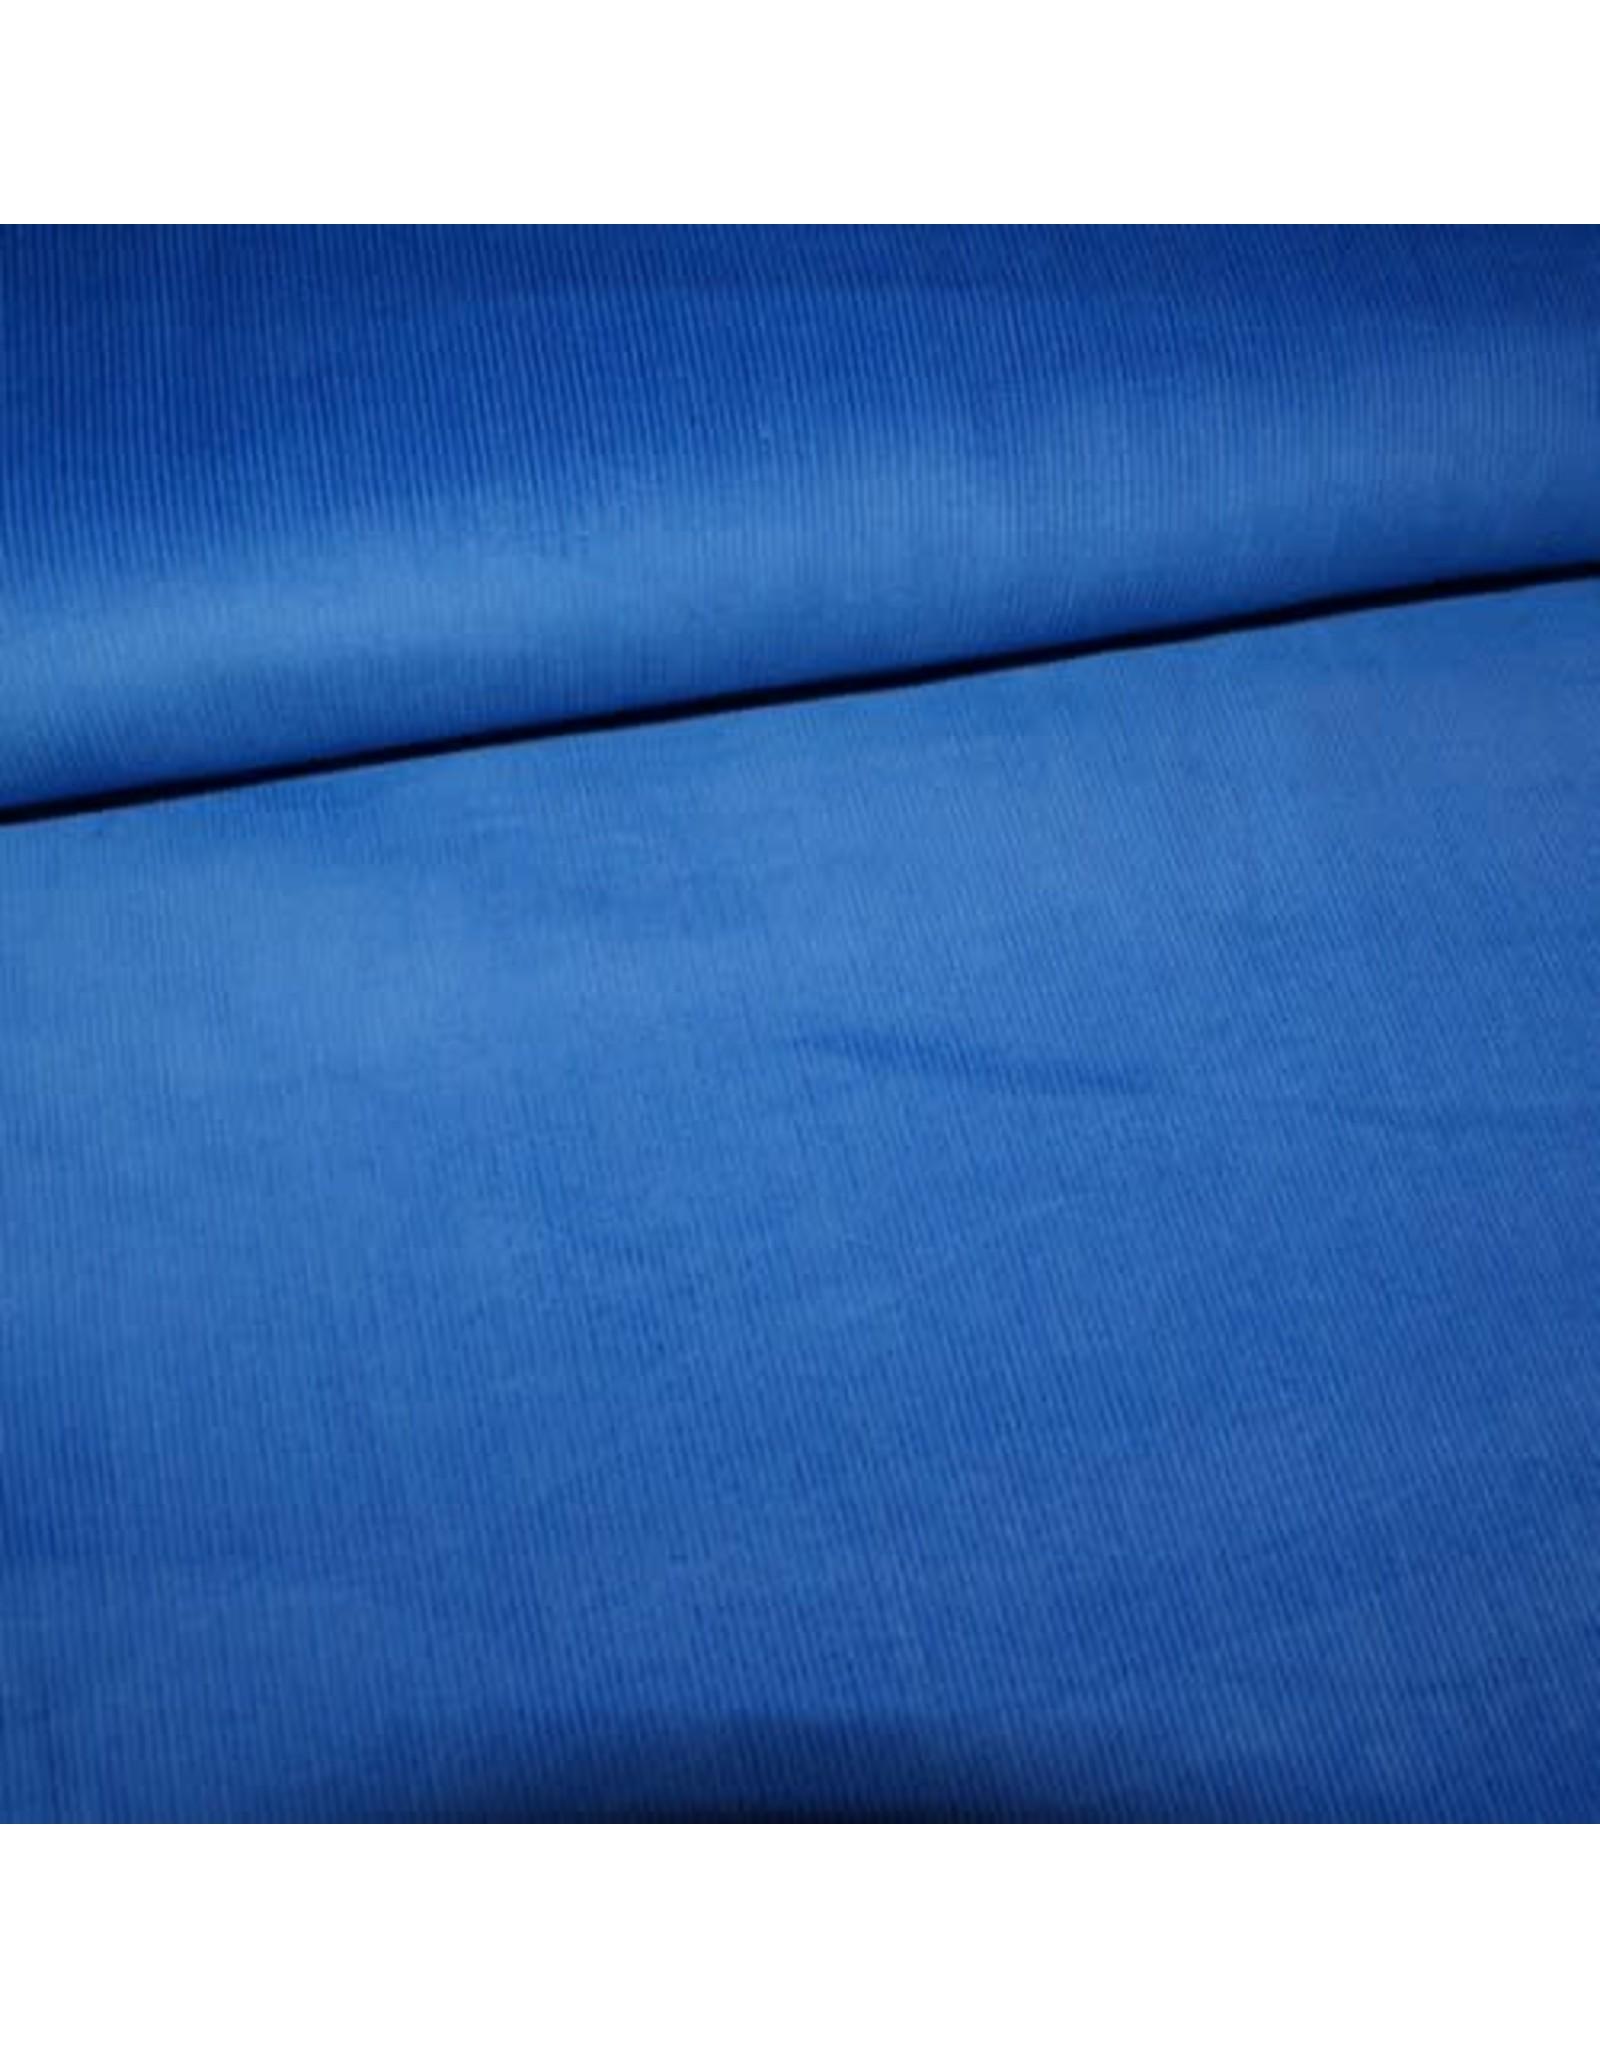 Stik-Stof Fijne ribfluweel koningsblauw